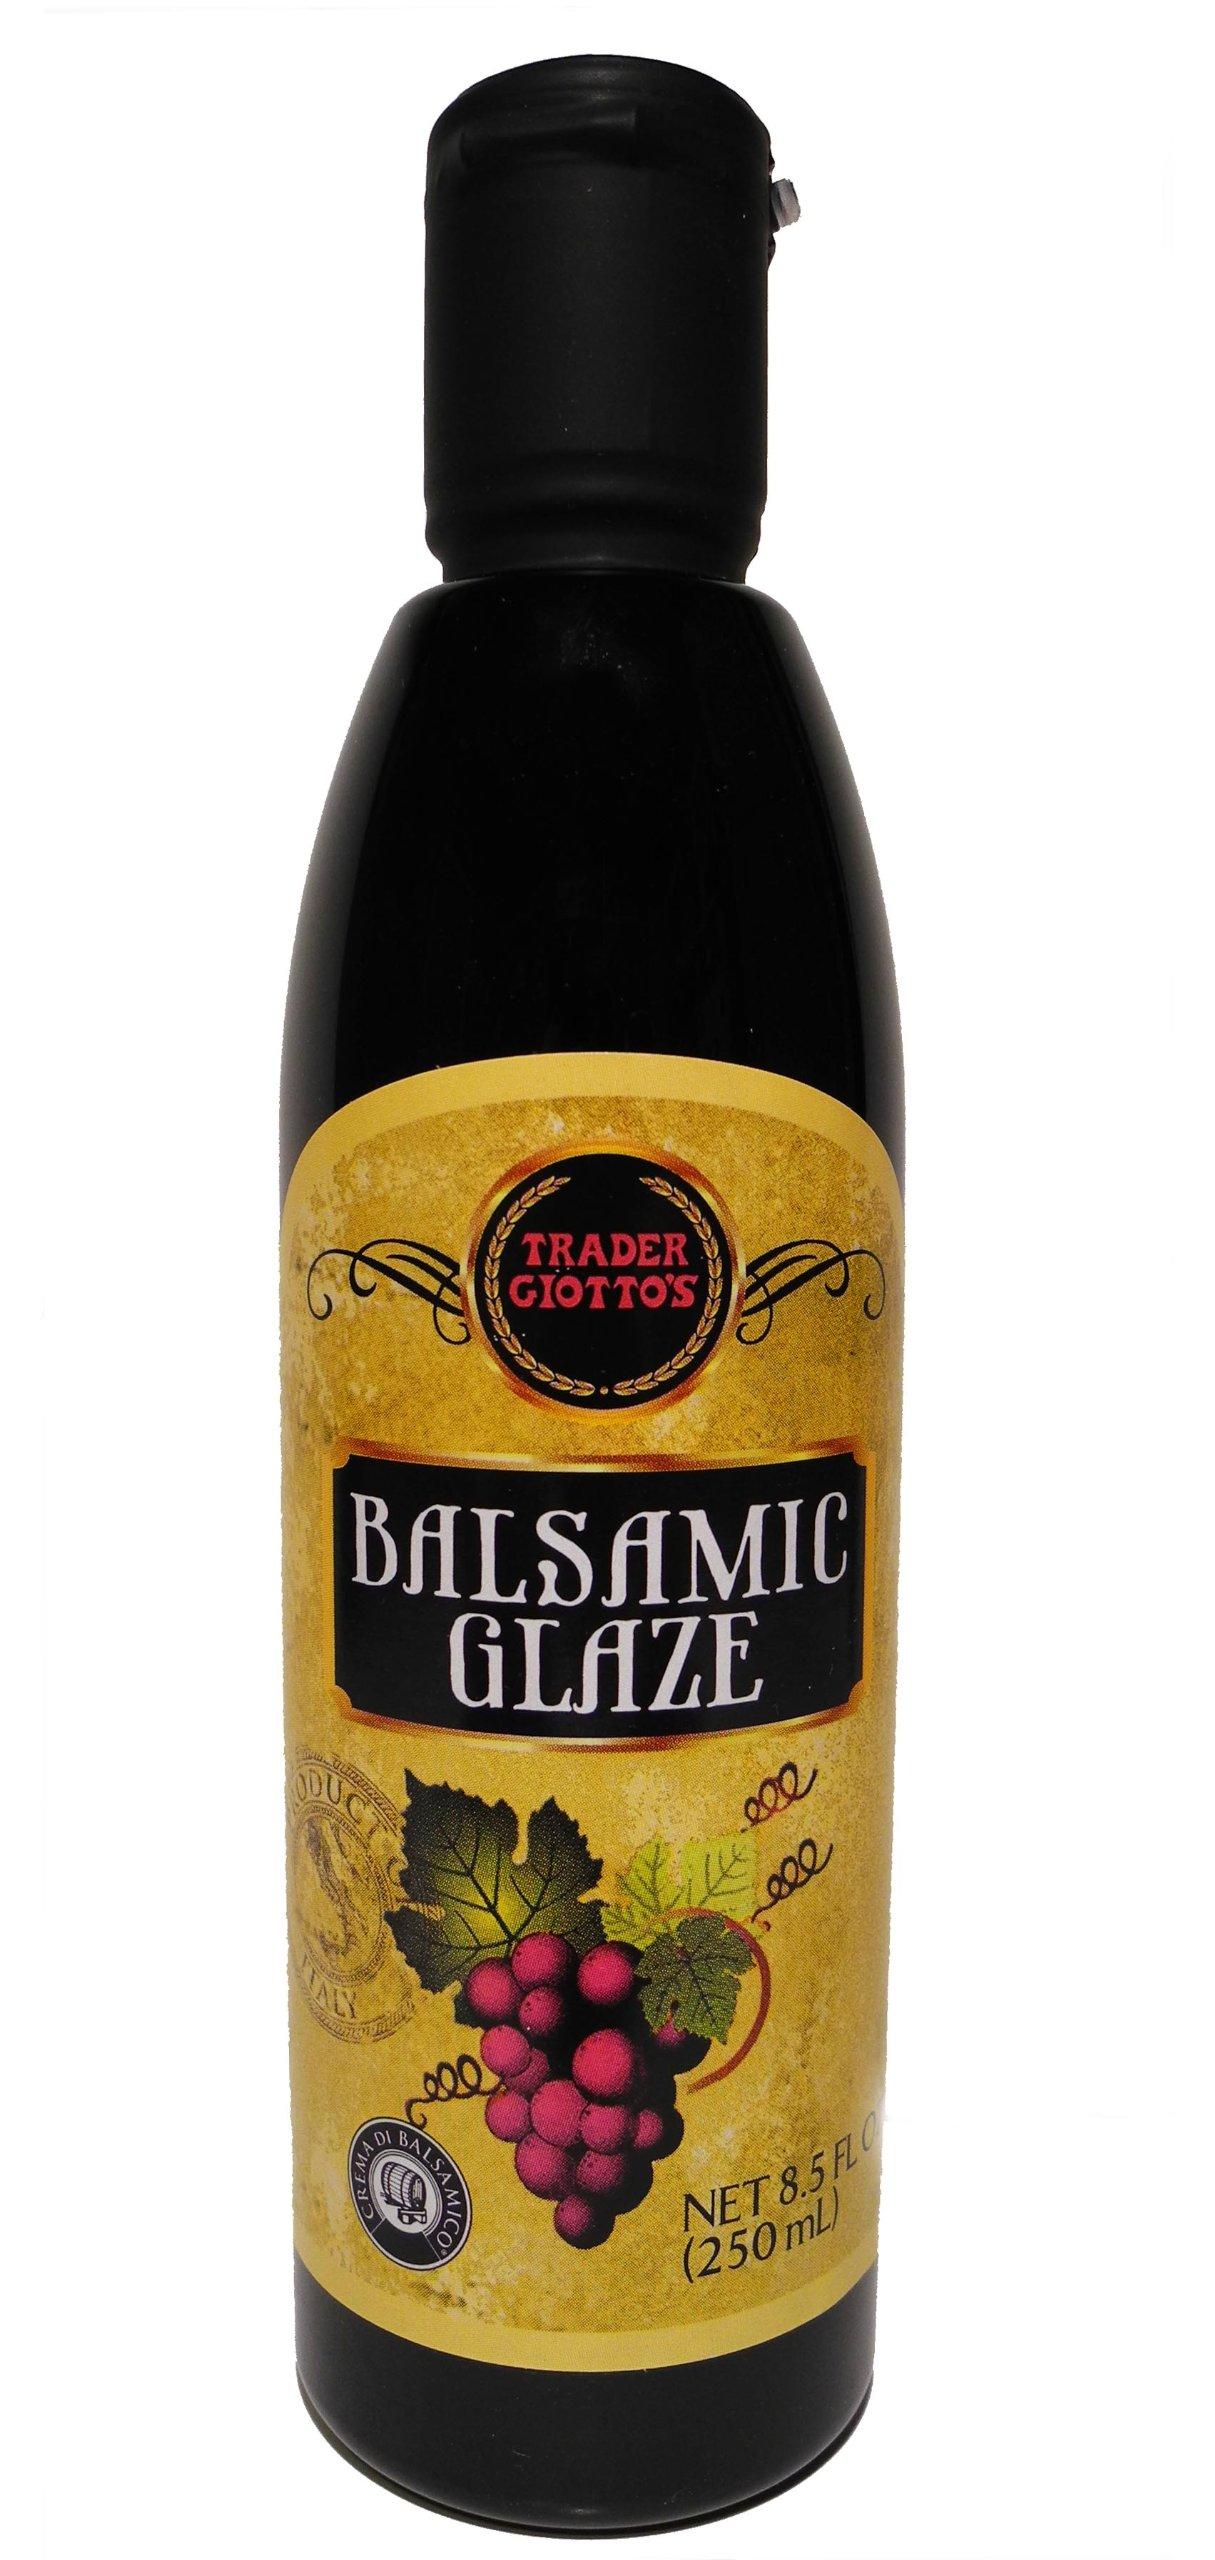 Trader Joes Trader Giottos Balsamic Glaze